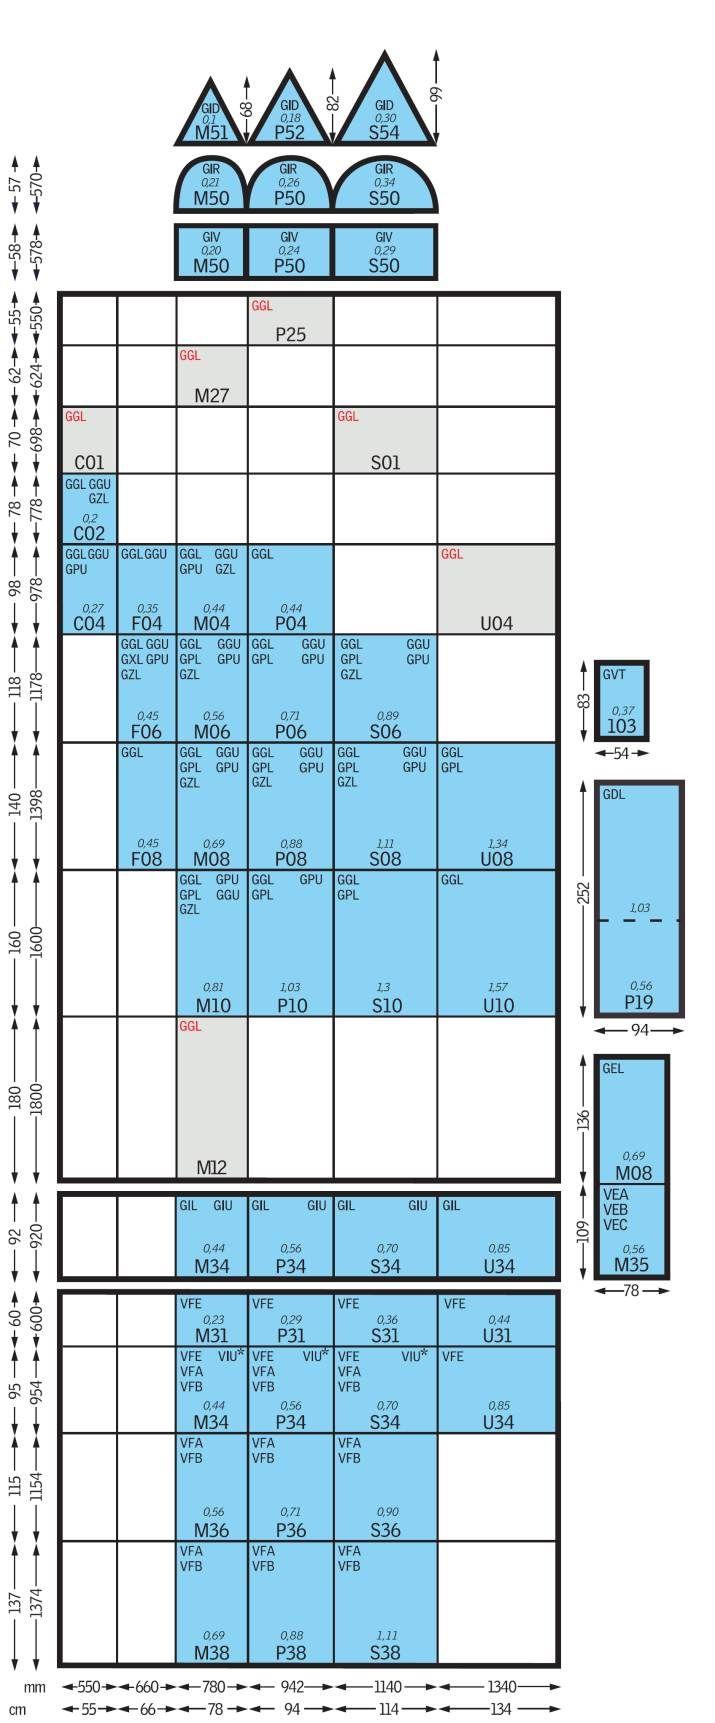 Таблица размеров велюксов | VELUX  Код окнаC02F06 M04M06M08M10P08S06S08   Размер окна55x7866x11878x9878x11878x14078x16094x140114x118114x140